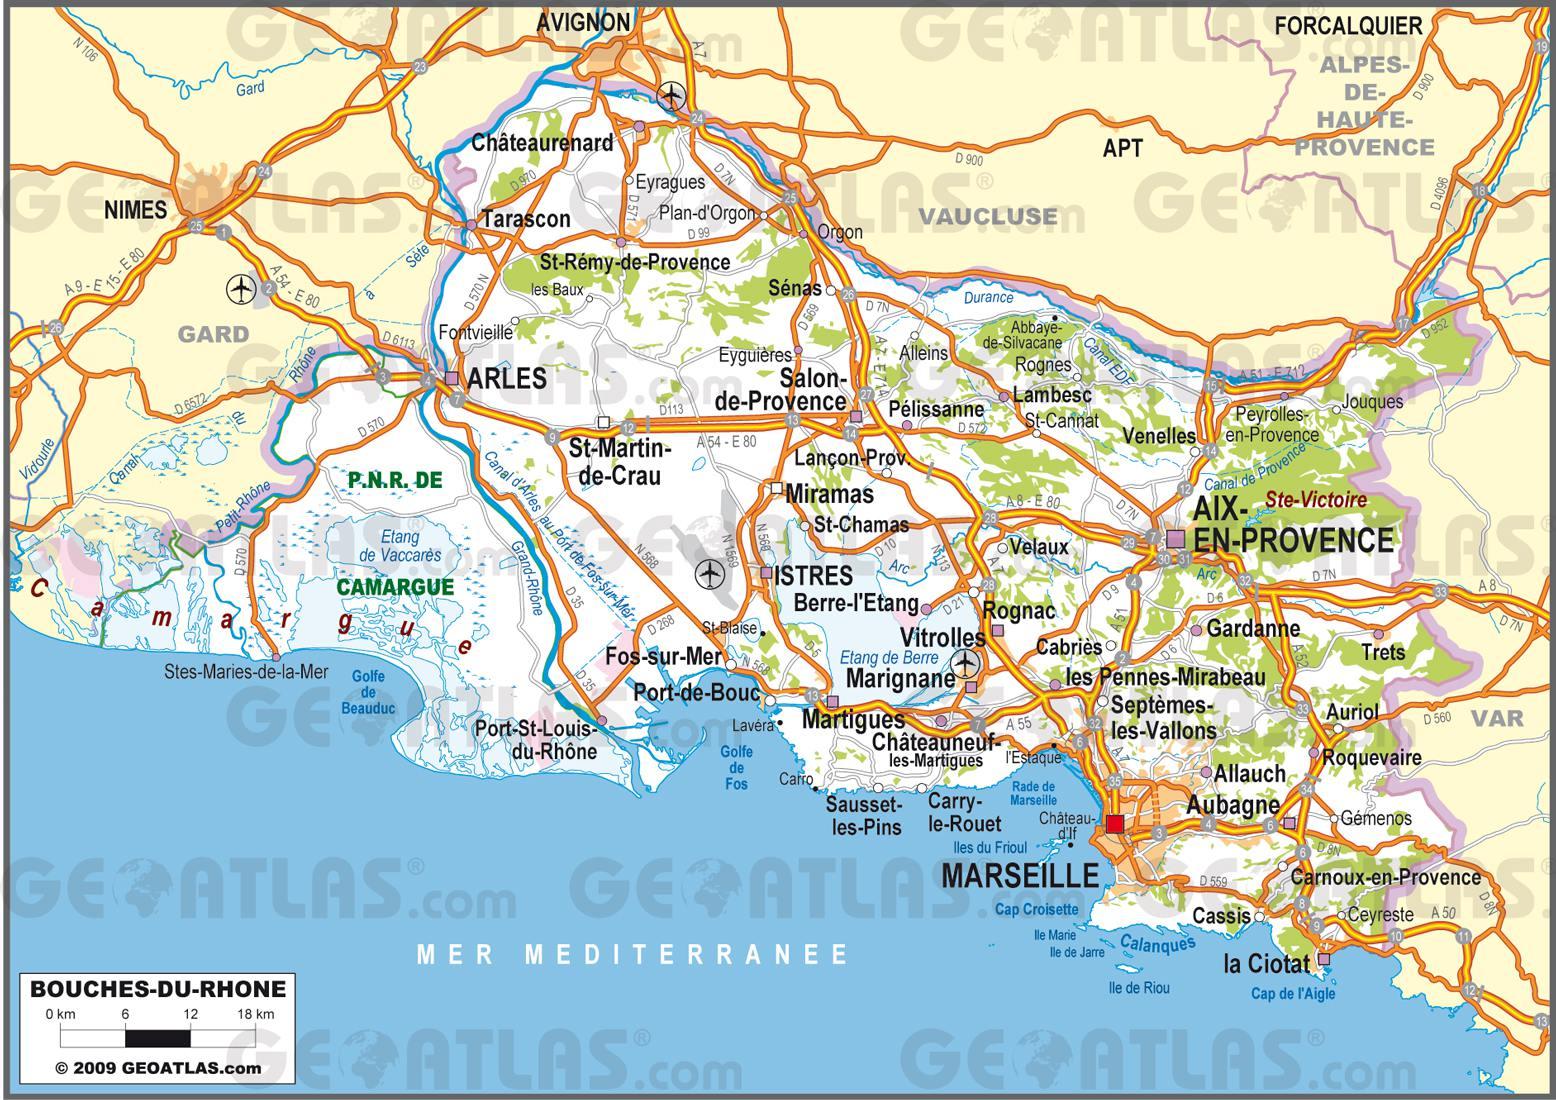 Carte des bouches du rh ne communes d taill e relief for Bouche rhone